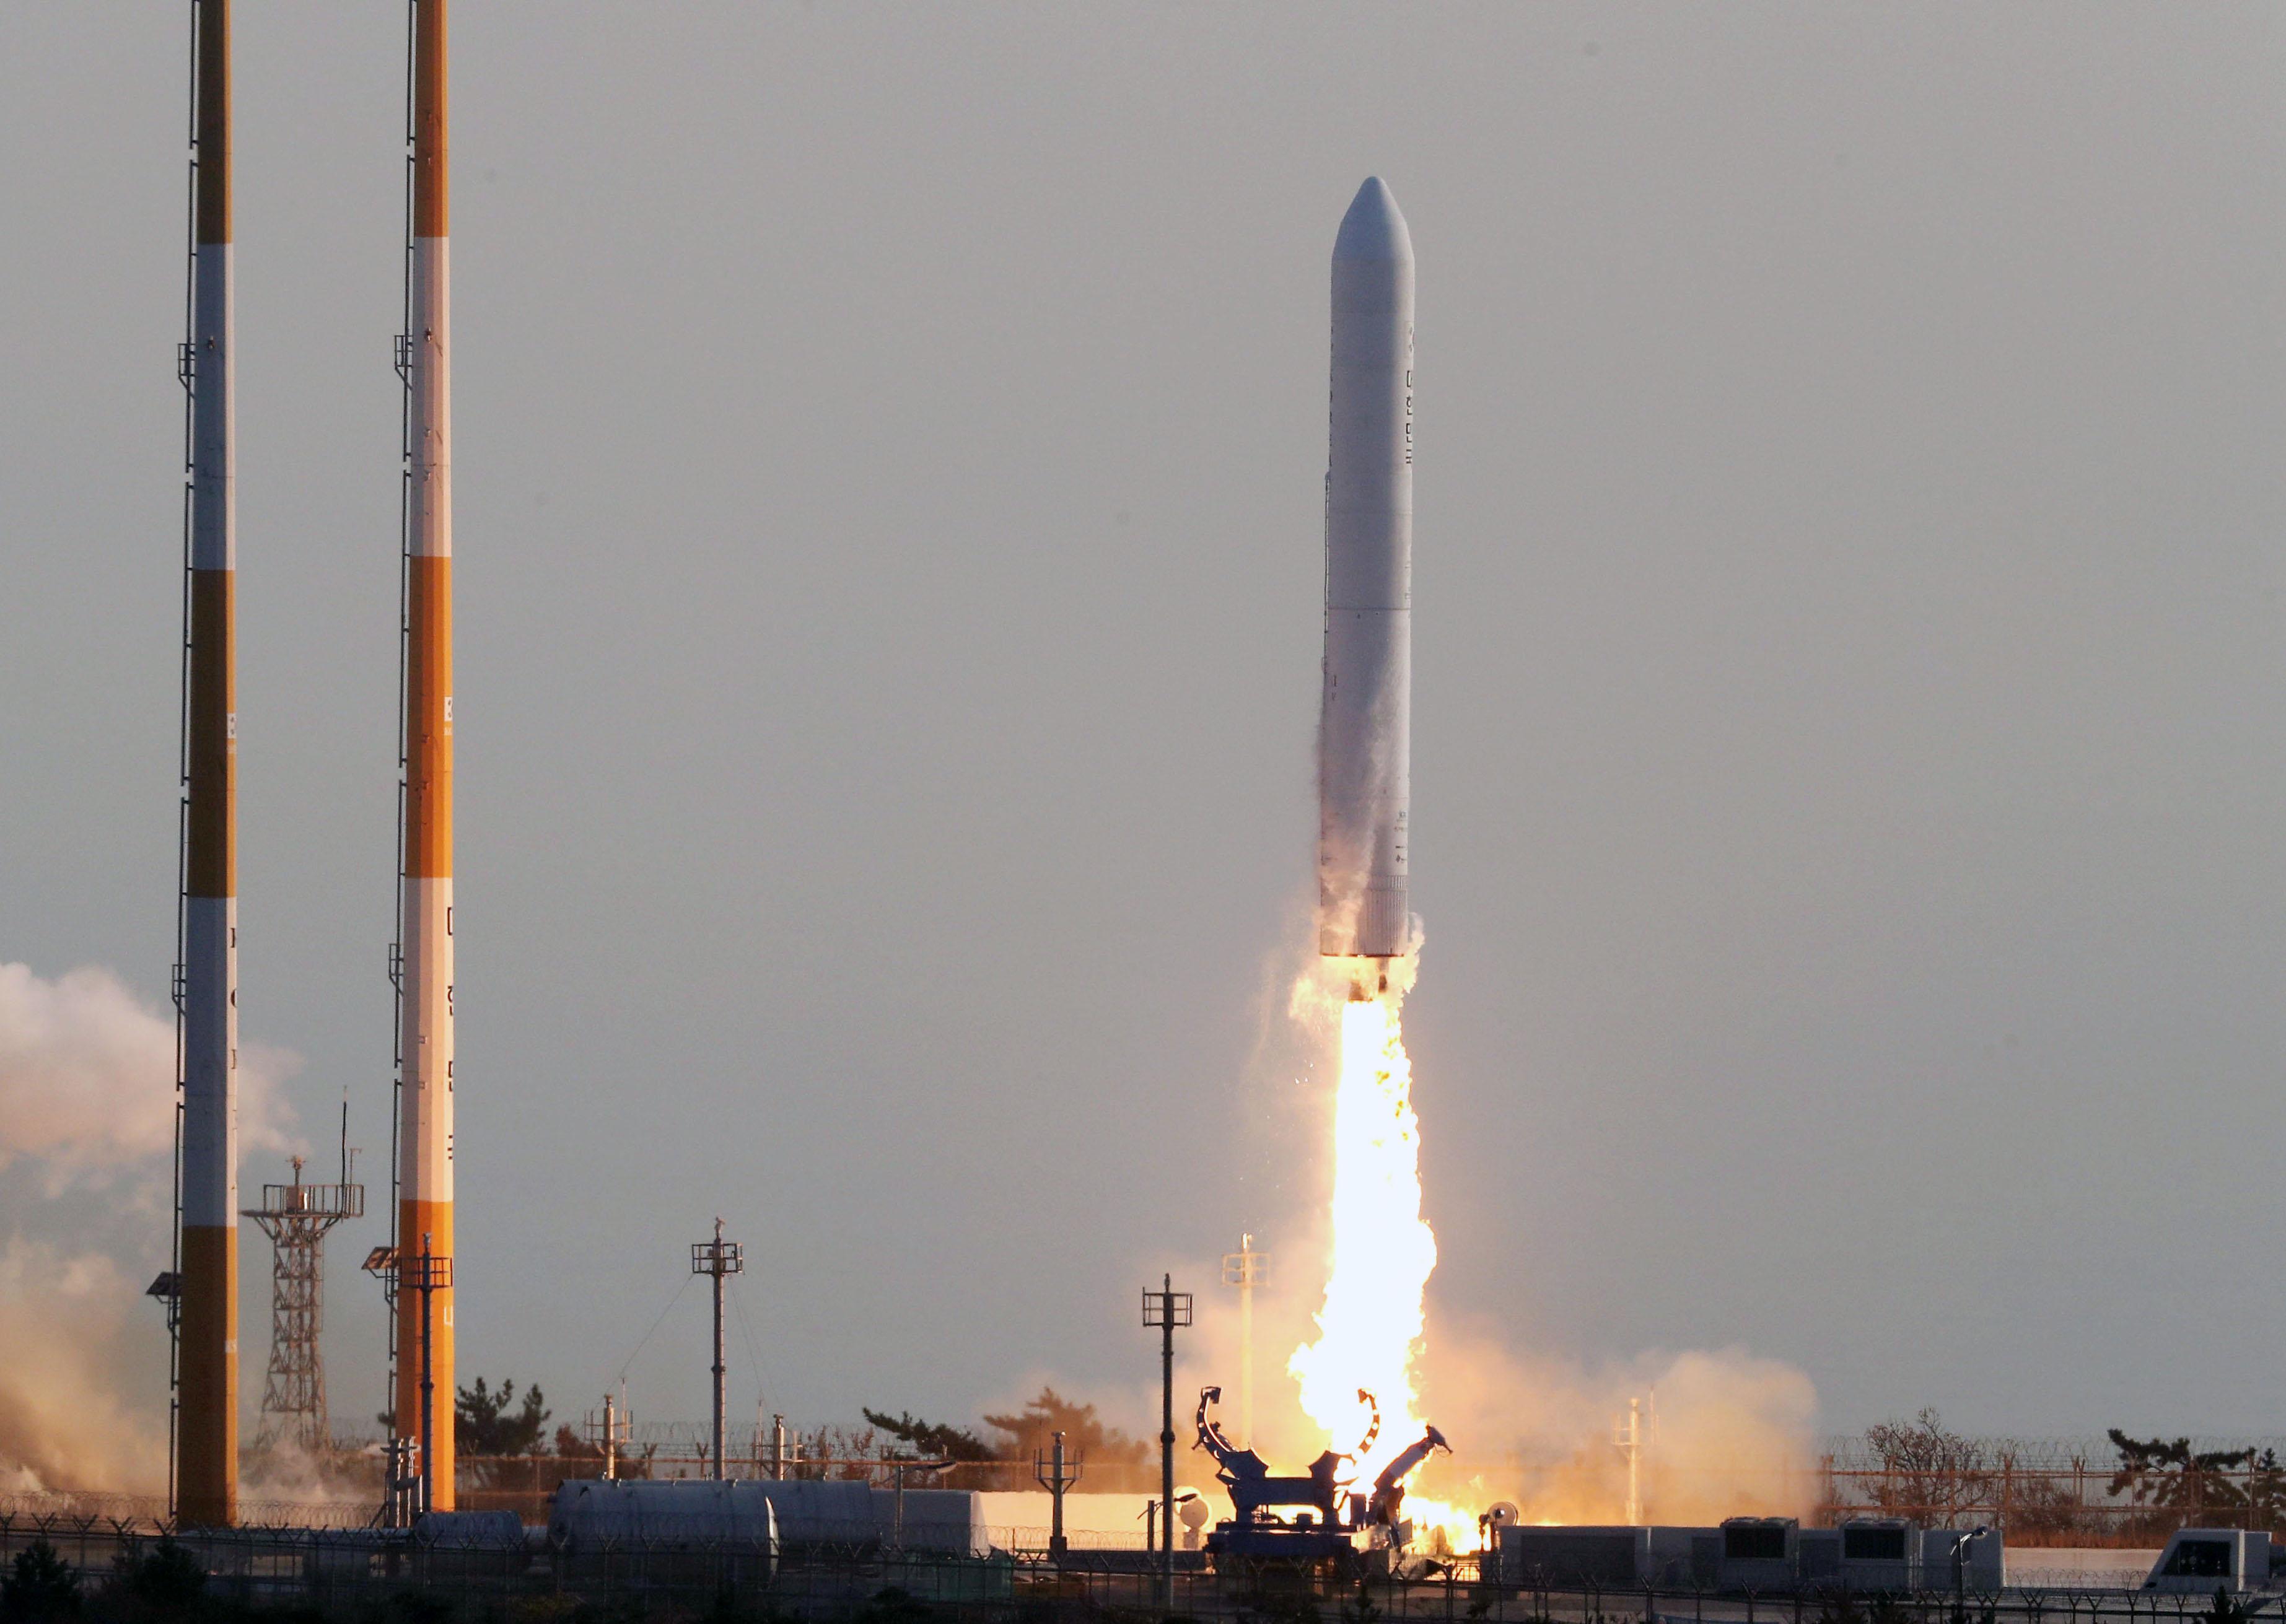 지난 2018년 11월 한국형발사체(KSLV-2) 누리호의 엔진 시험발사체가 고흥 나로우주센터에서 발사되고 있다. 탑재카메라시스템은 누리호가 우주로 향한 후 사람들의 눈이 되어준다. 사진공동취재단